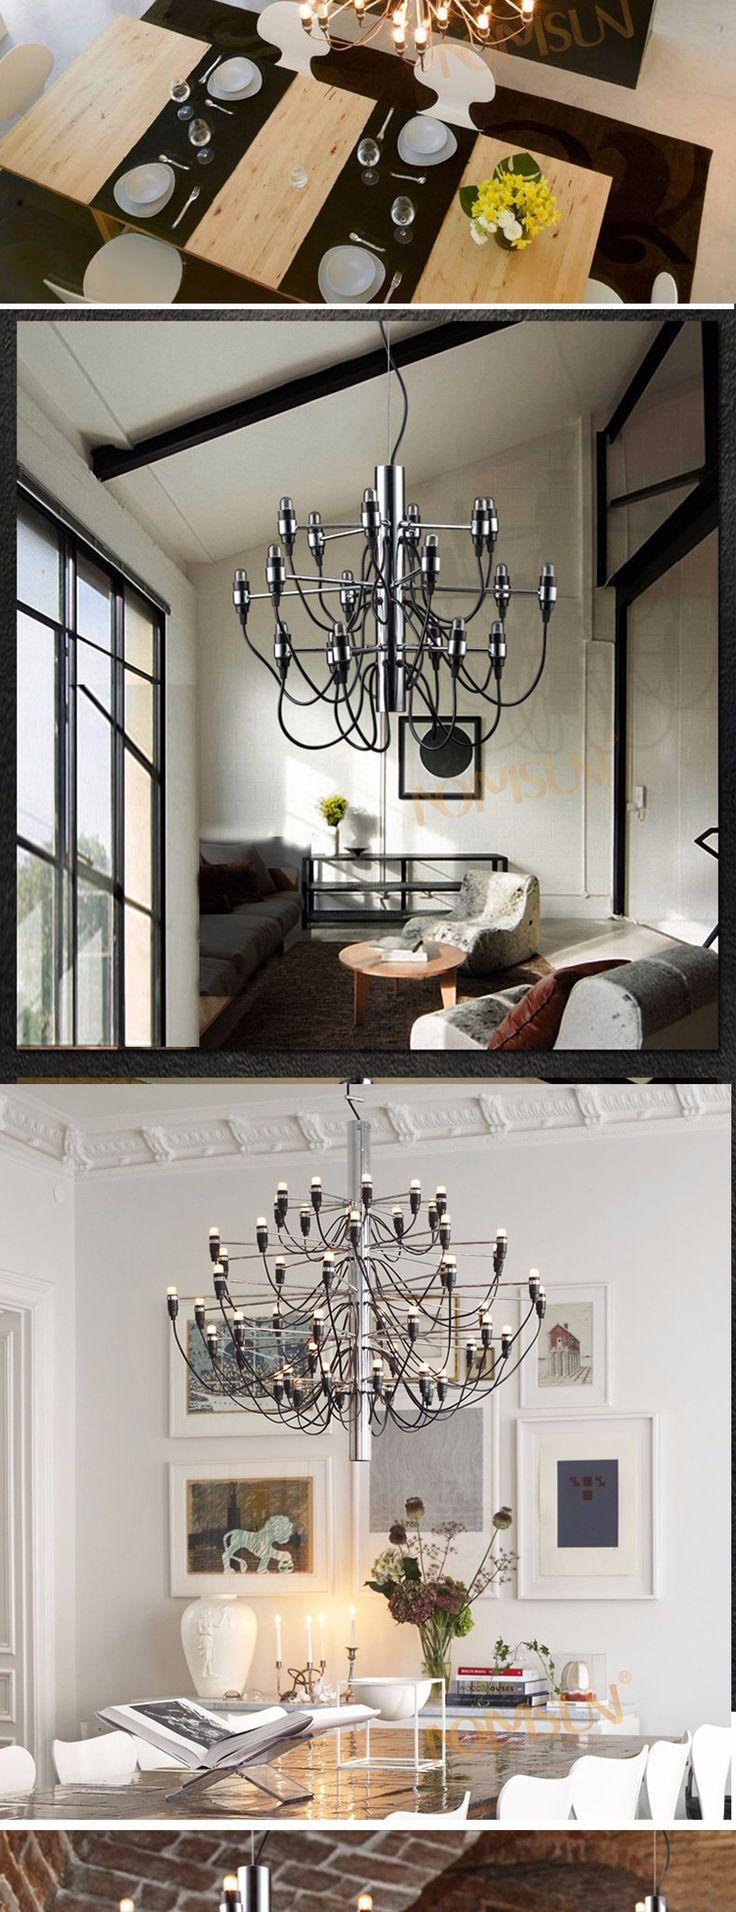 Современные Подвесные светильники с лампами накаливания ретро повесить Промышленные Эдисон Лампы nordic Чердак светильники Lustre…